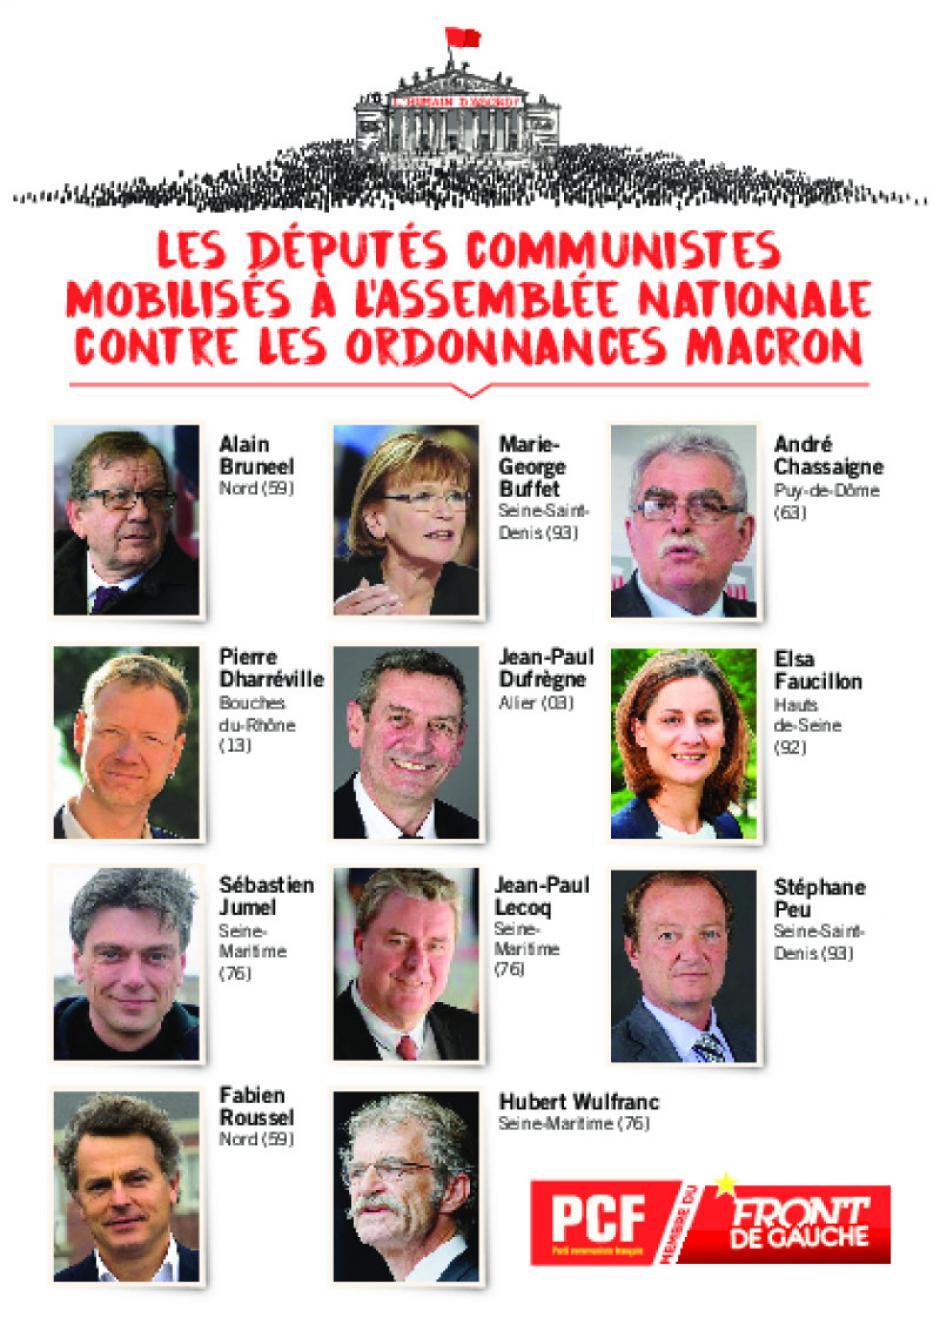 Des députés mobilisés à l'Assemblée nationale contre les ordonnances Macron